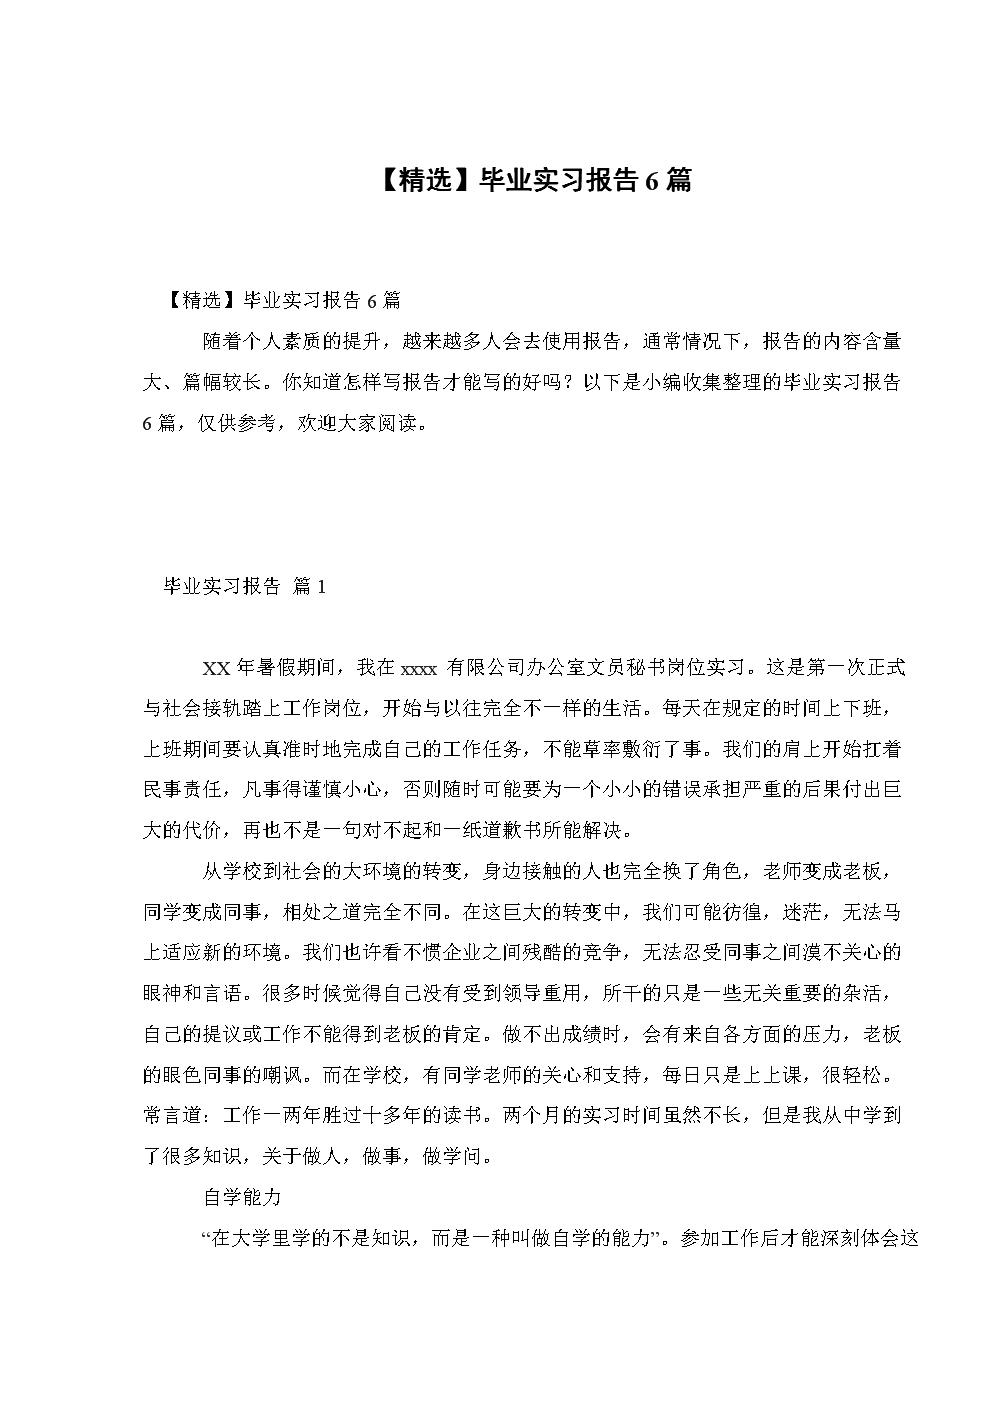 【精选】毕业实习报告6篇.doc